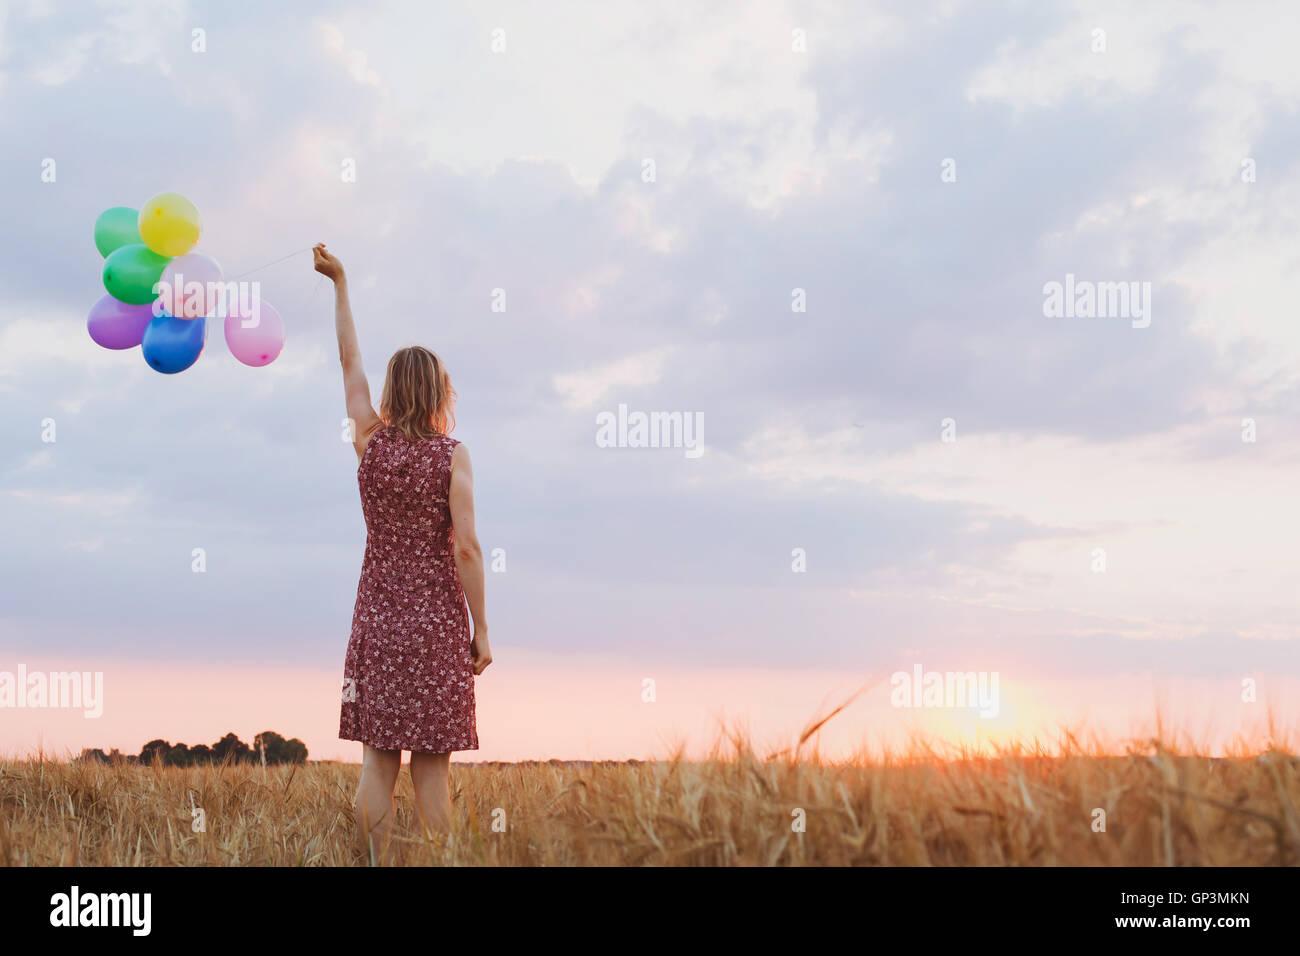 Concepto de esperanza, emociones y sentimientos, la mujer con globos de colores en el campo, el fondo Imagen De Stock